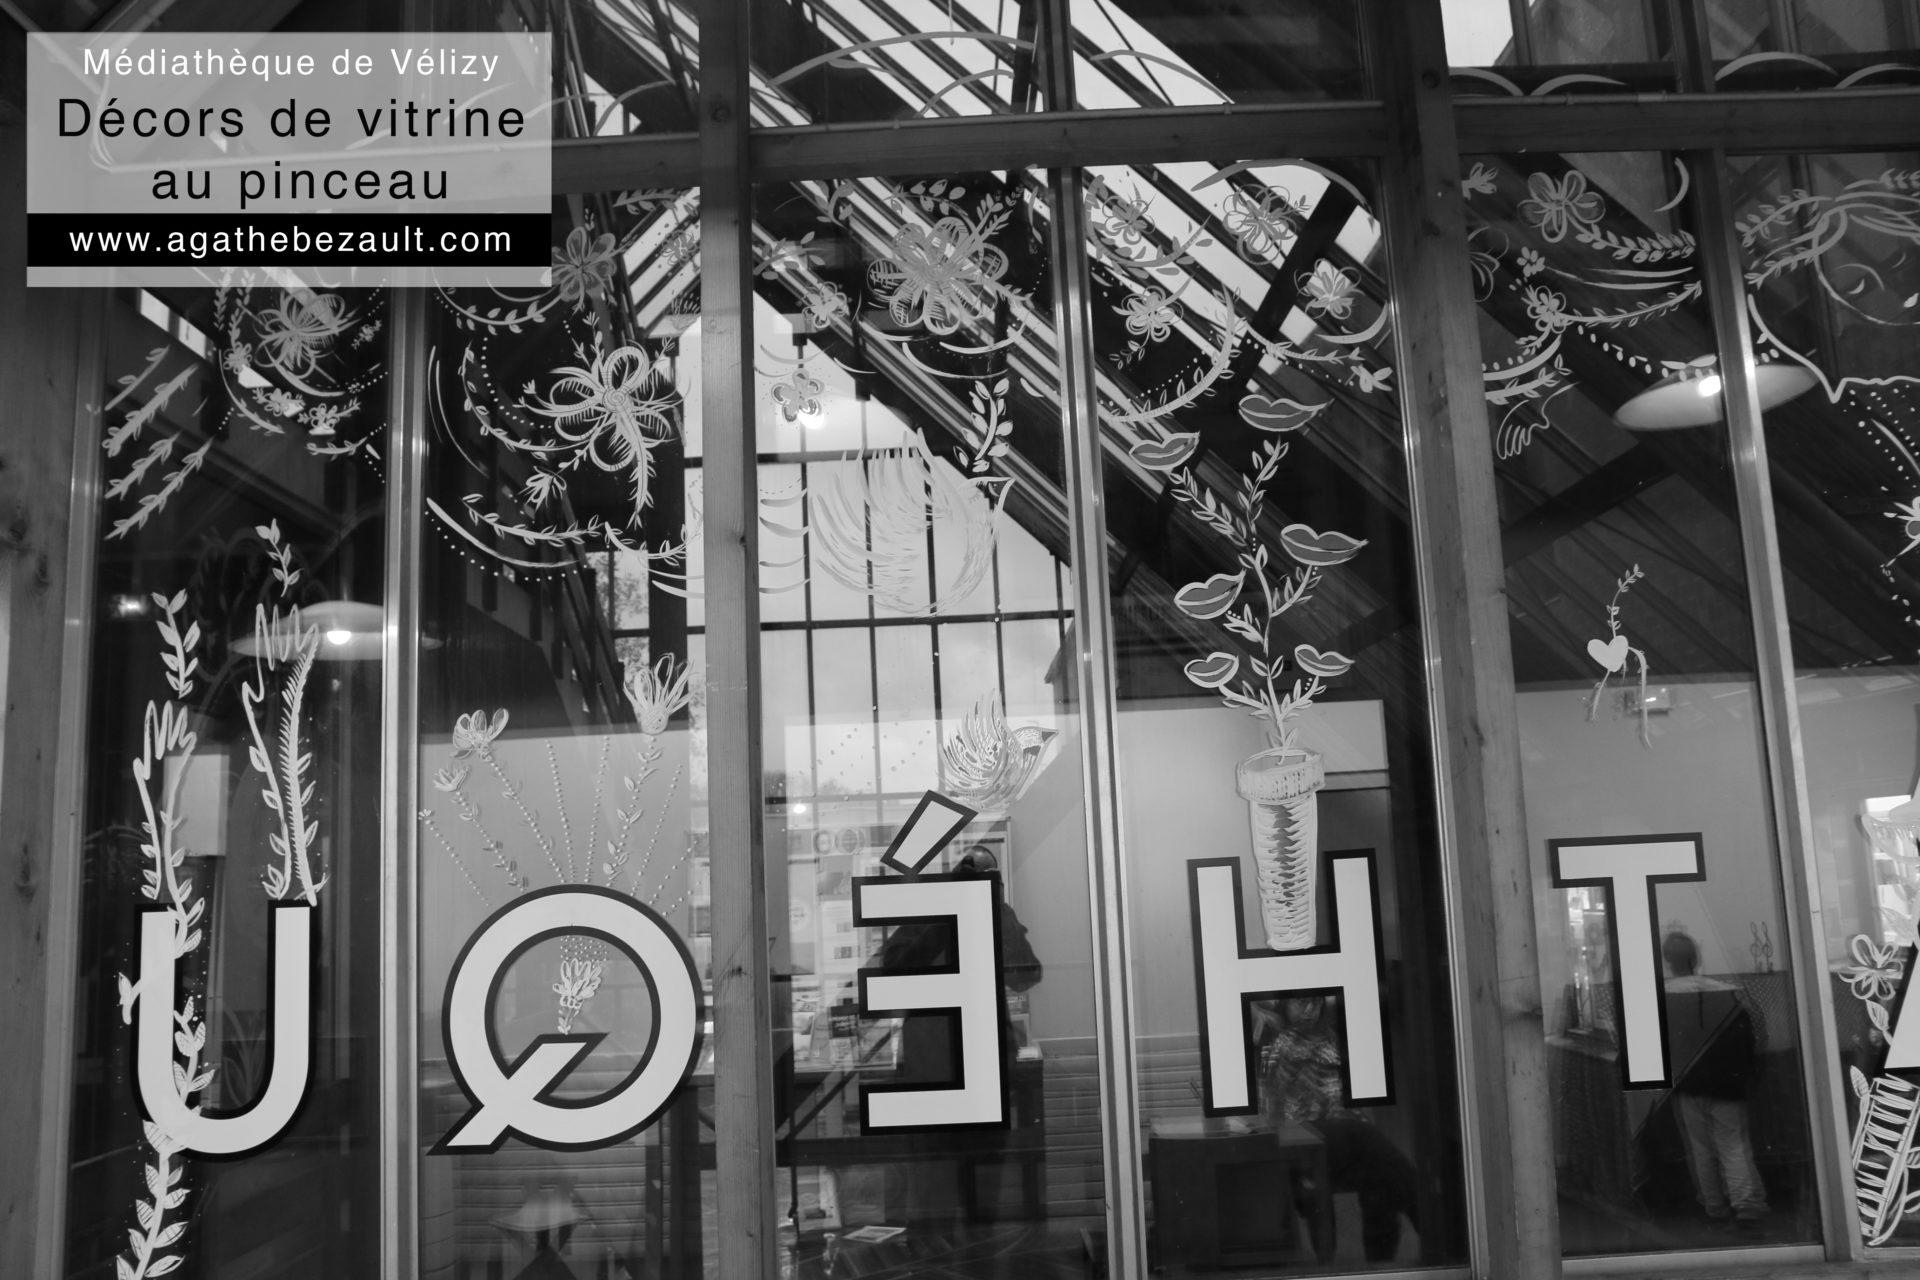 5-agathebezault-mediatheque-velizy